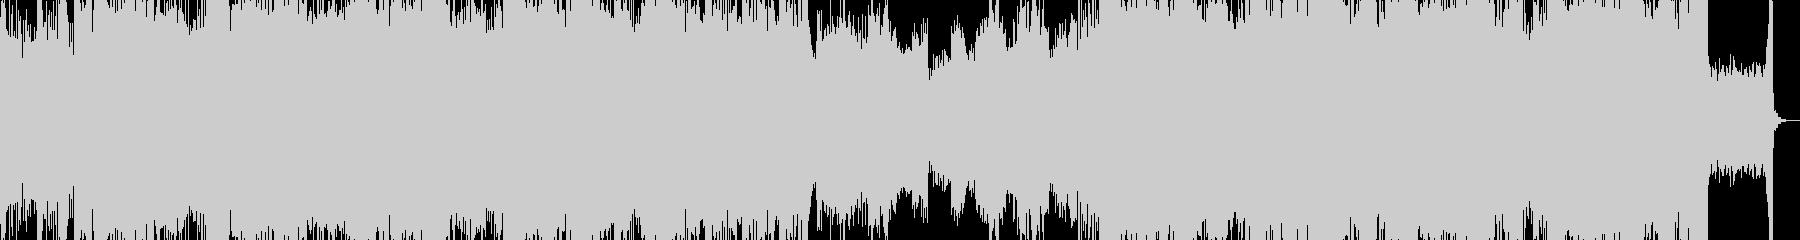 ロック コーラスの未再生の波形